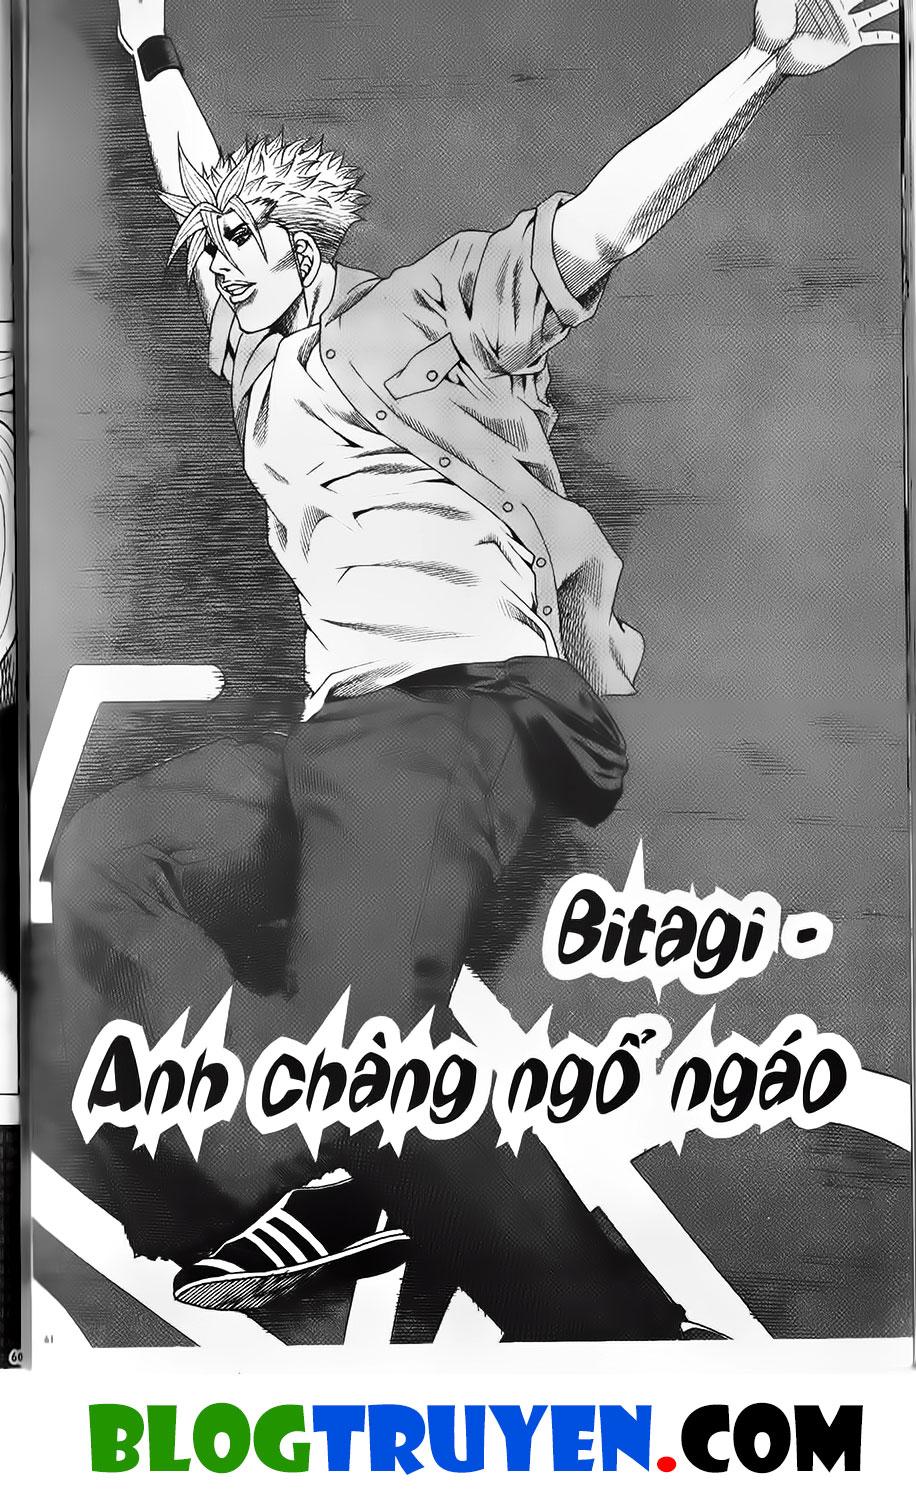 Bitagi - Anh chàng ngổ ngáo chap 374 trang 17